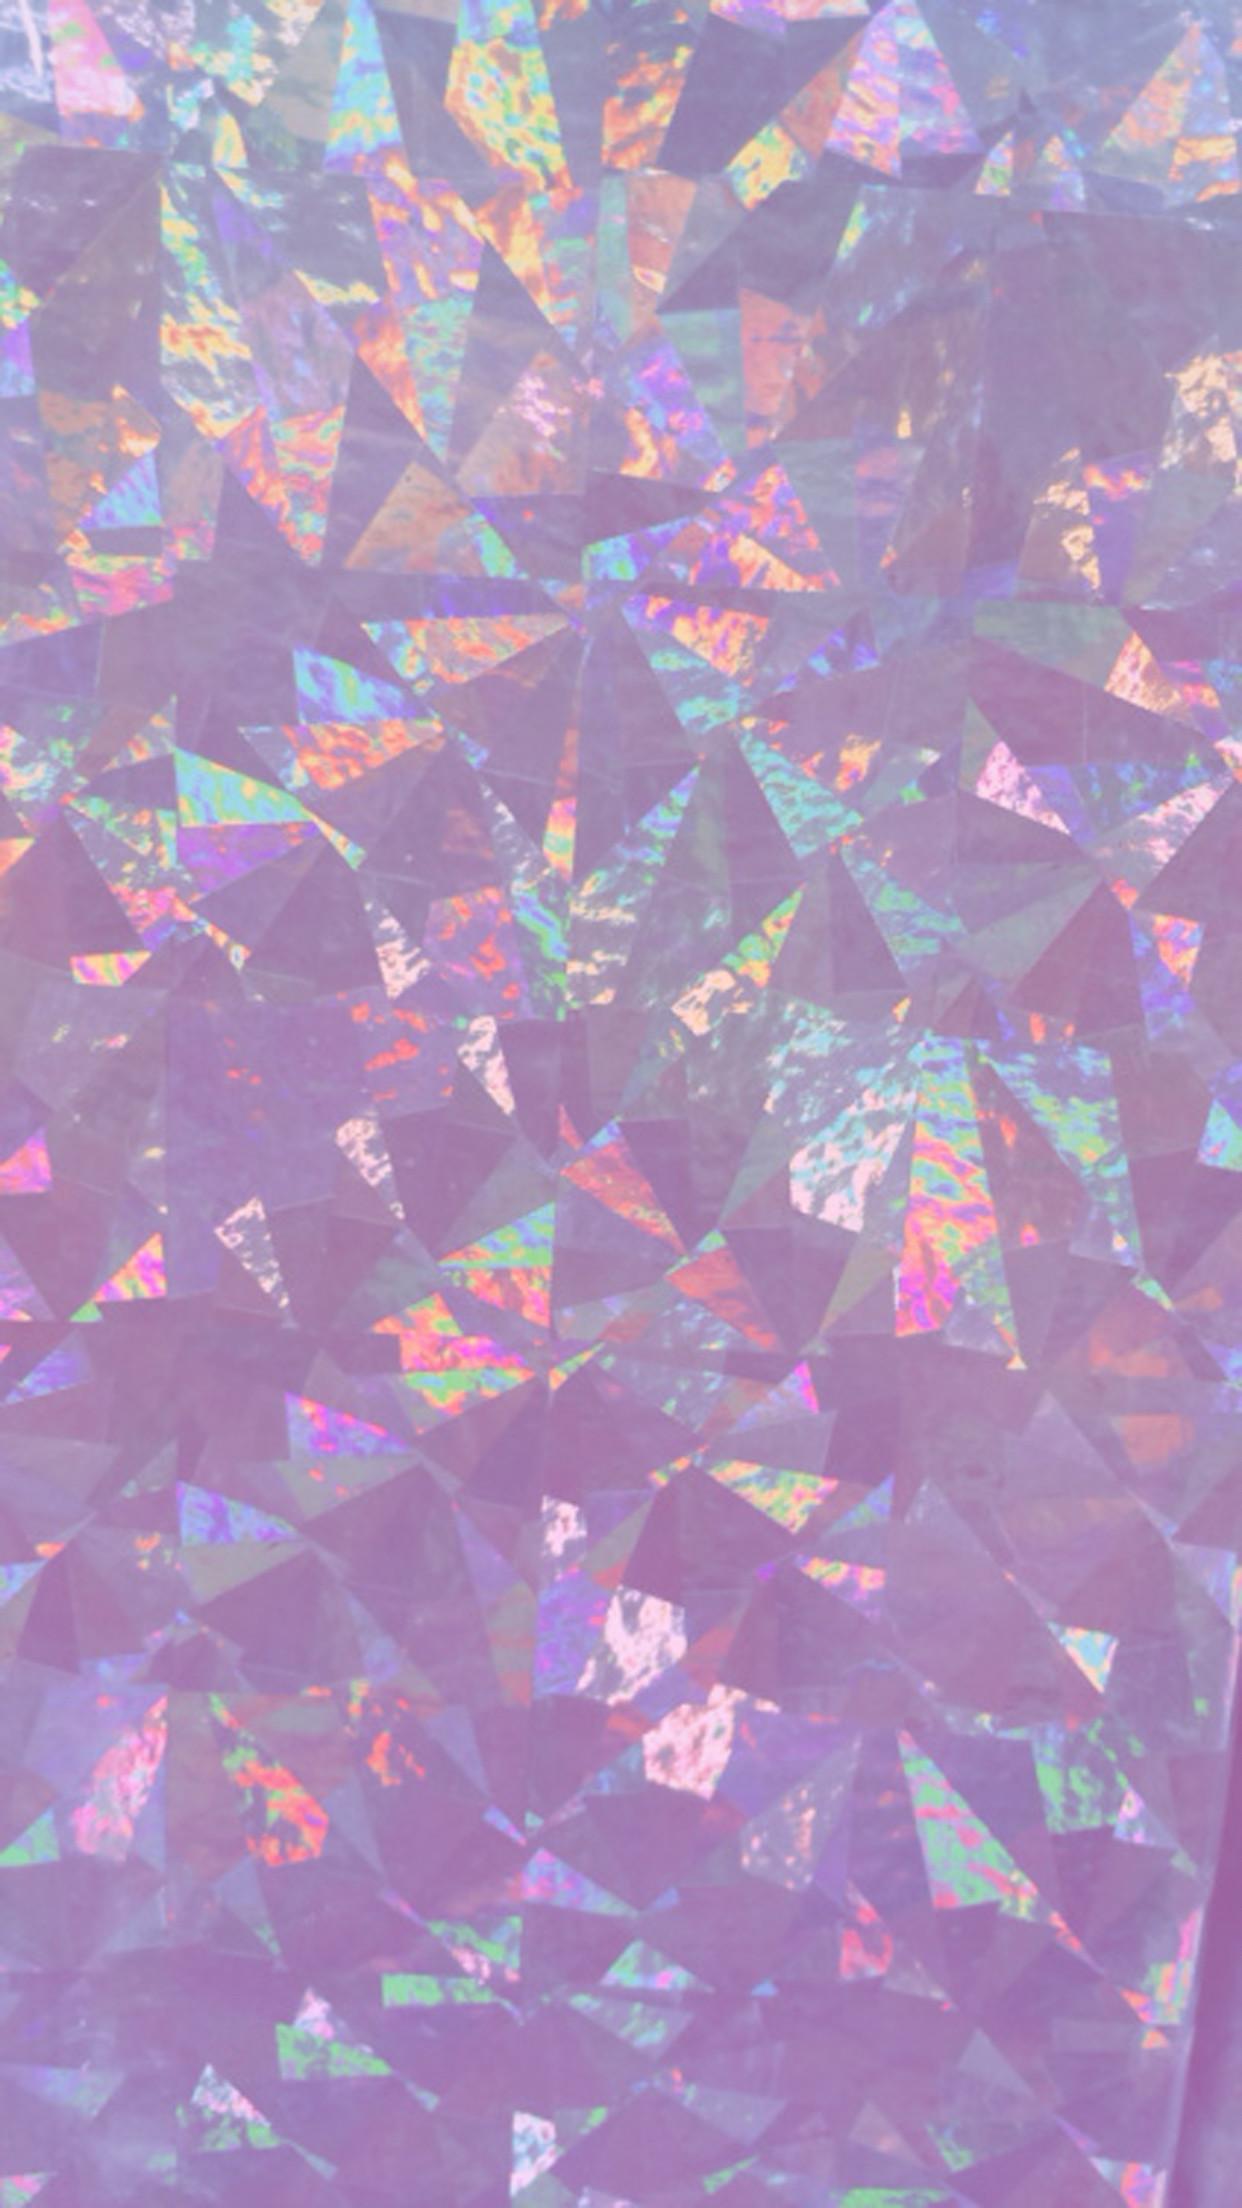 Mermaid Scales Wallpapers 183 ①